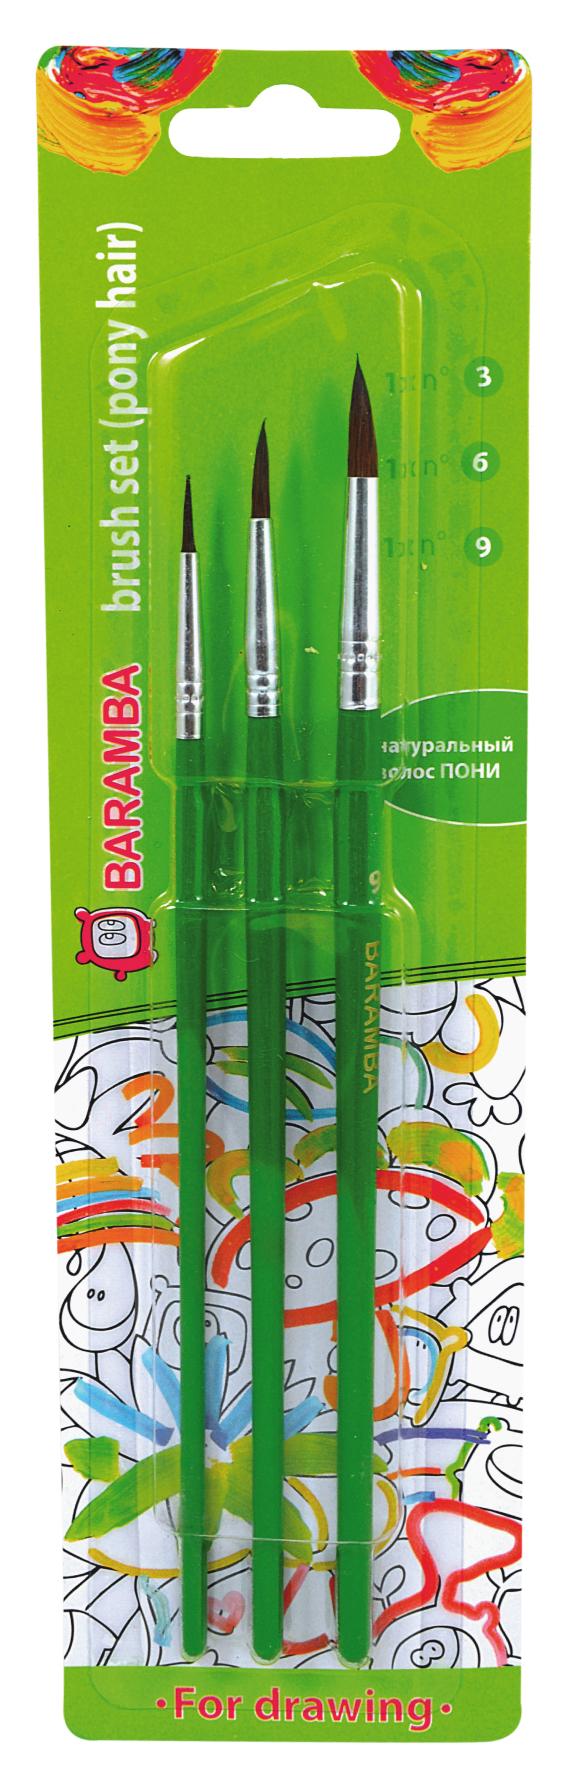 Baramba Набор кистей из волоса пони №3, 6, 9 (3шт)B820369Кисти из набора Baramba идеально подойдут для детского творчества, художественных и декоративно-оформительских работ. Кисти из натурального ворса пони разных размеровпредназначены для работы с акварелью, гуашью, тушью. Конусообразная форма пучка позволяет прорисовывать мелкие детали и выполнять заливку фона. В набор входят круглые кисти №3, 6 и 9. Деревянные ручки оснащены алюминиевыми втулками с тройной обжимкой.